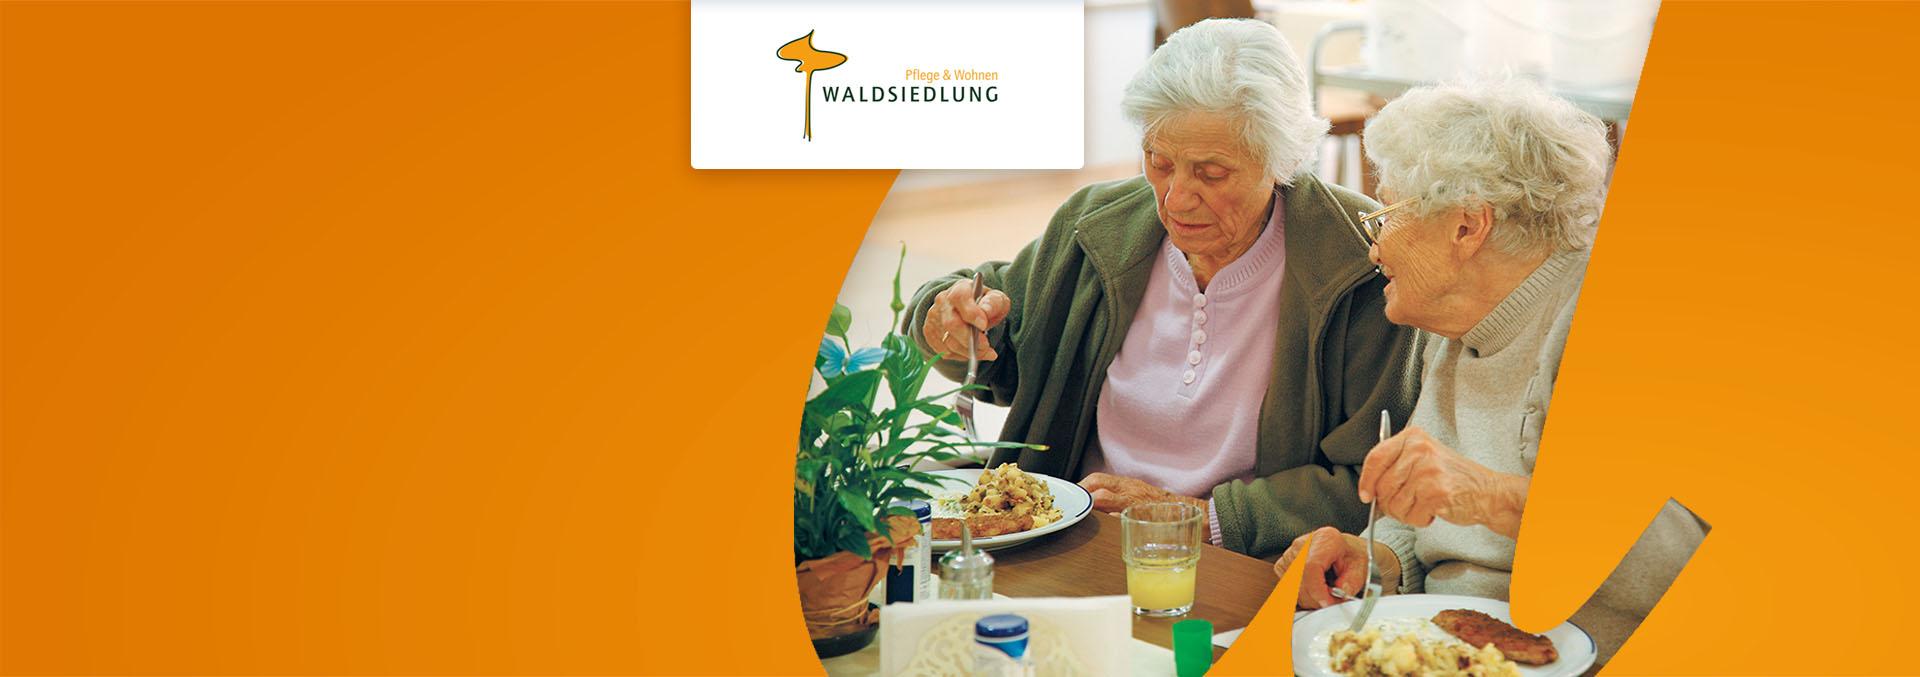 Pflege & Wohnen WALDSIELDUNG